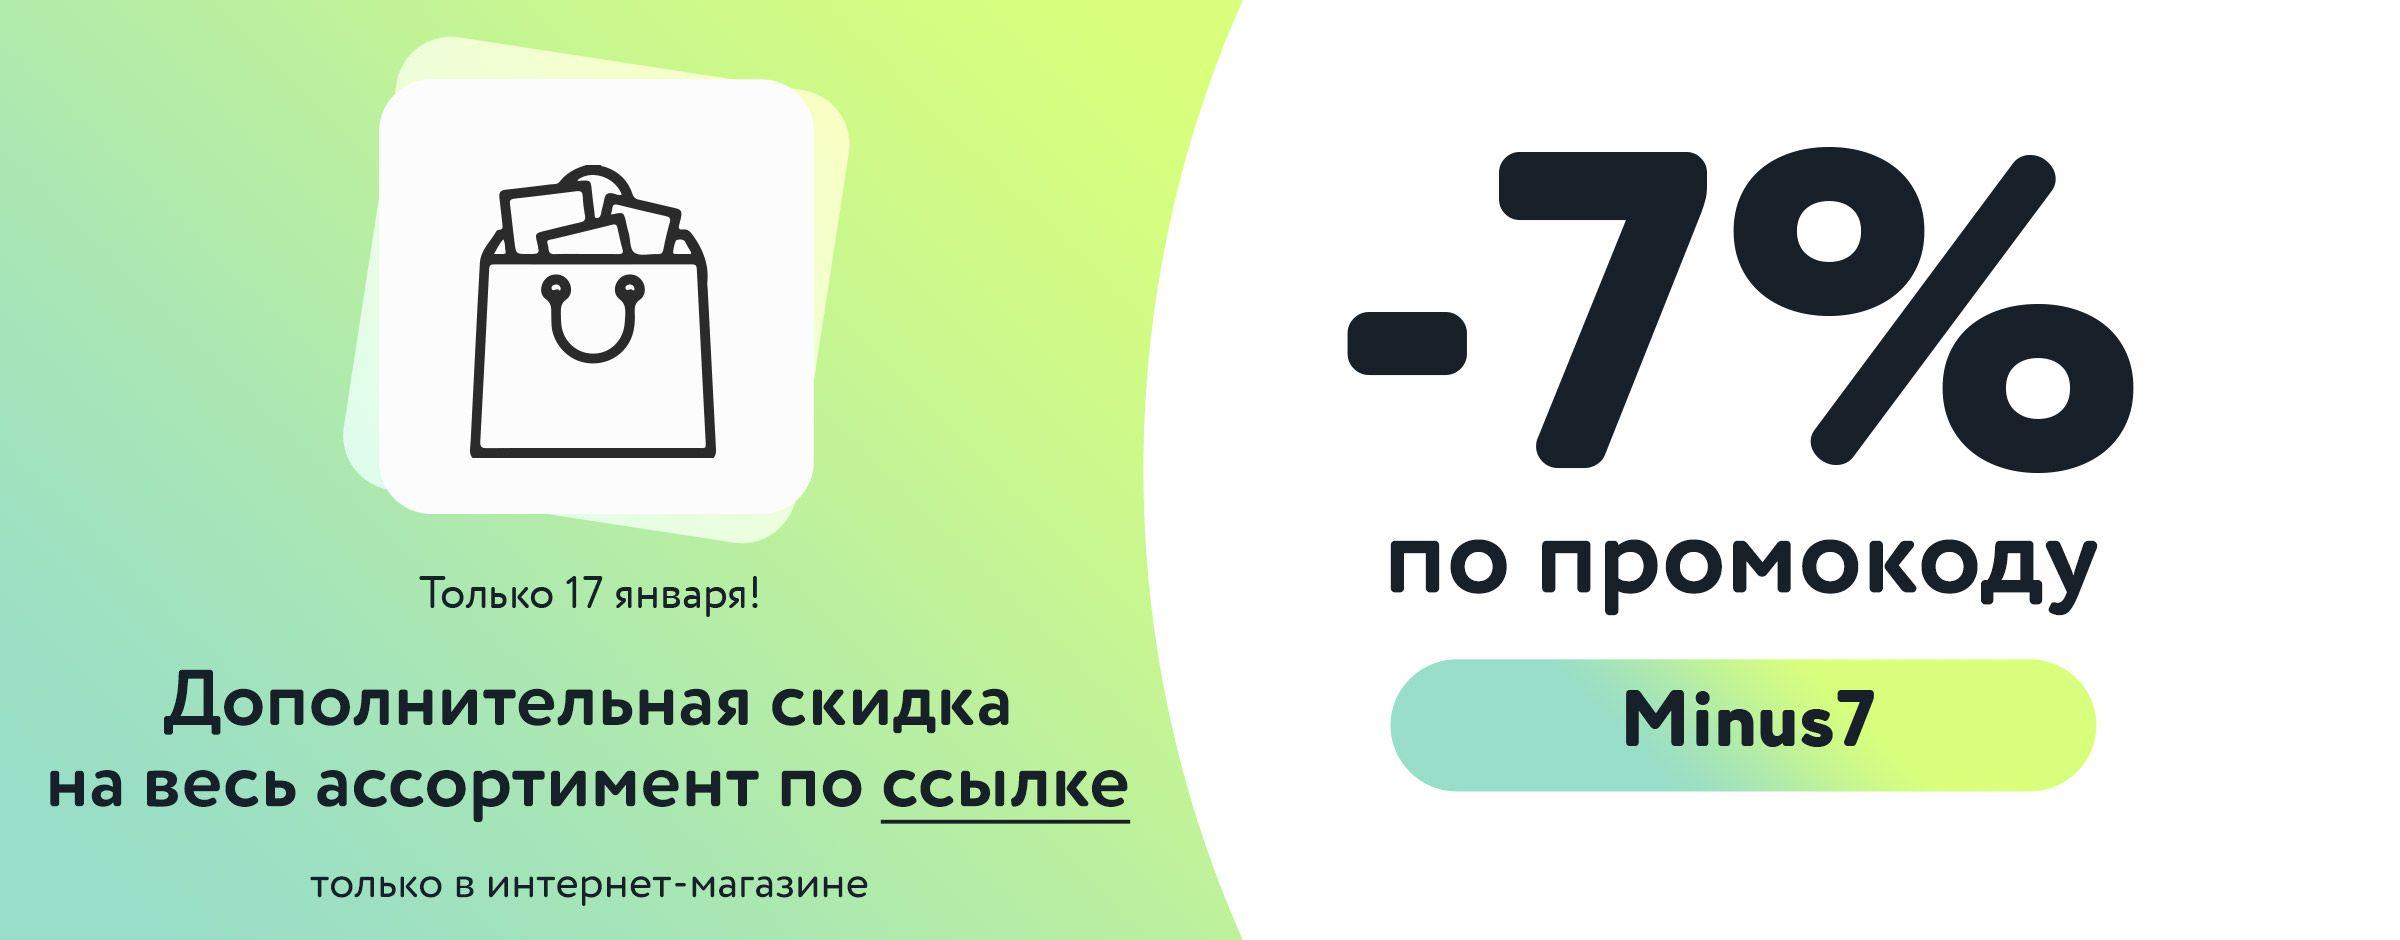 7% по коду Minus7 карусель